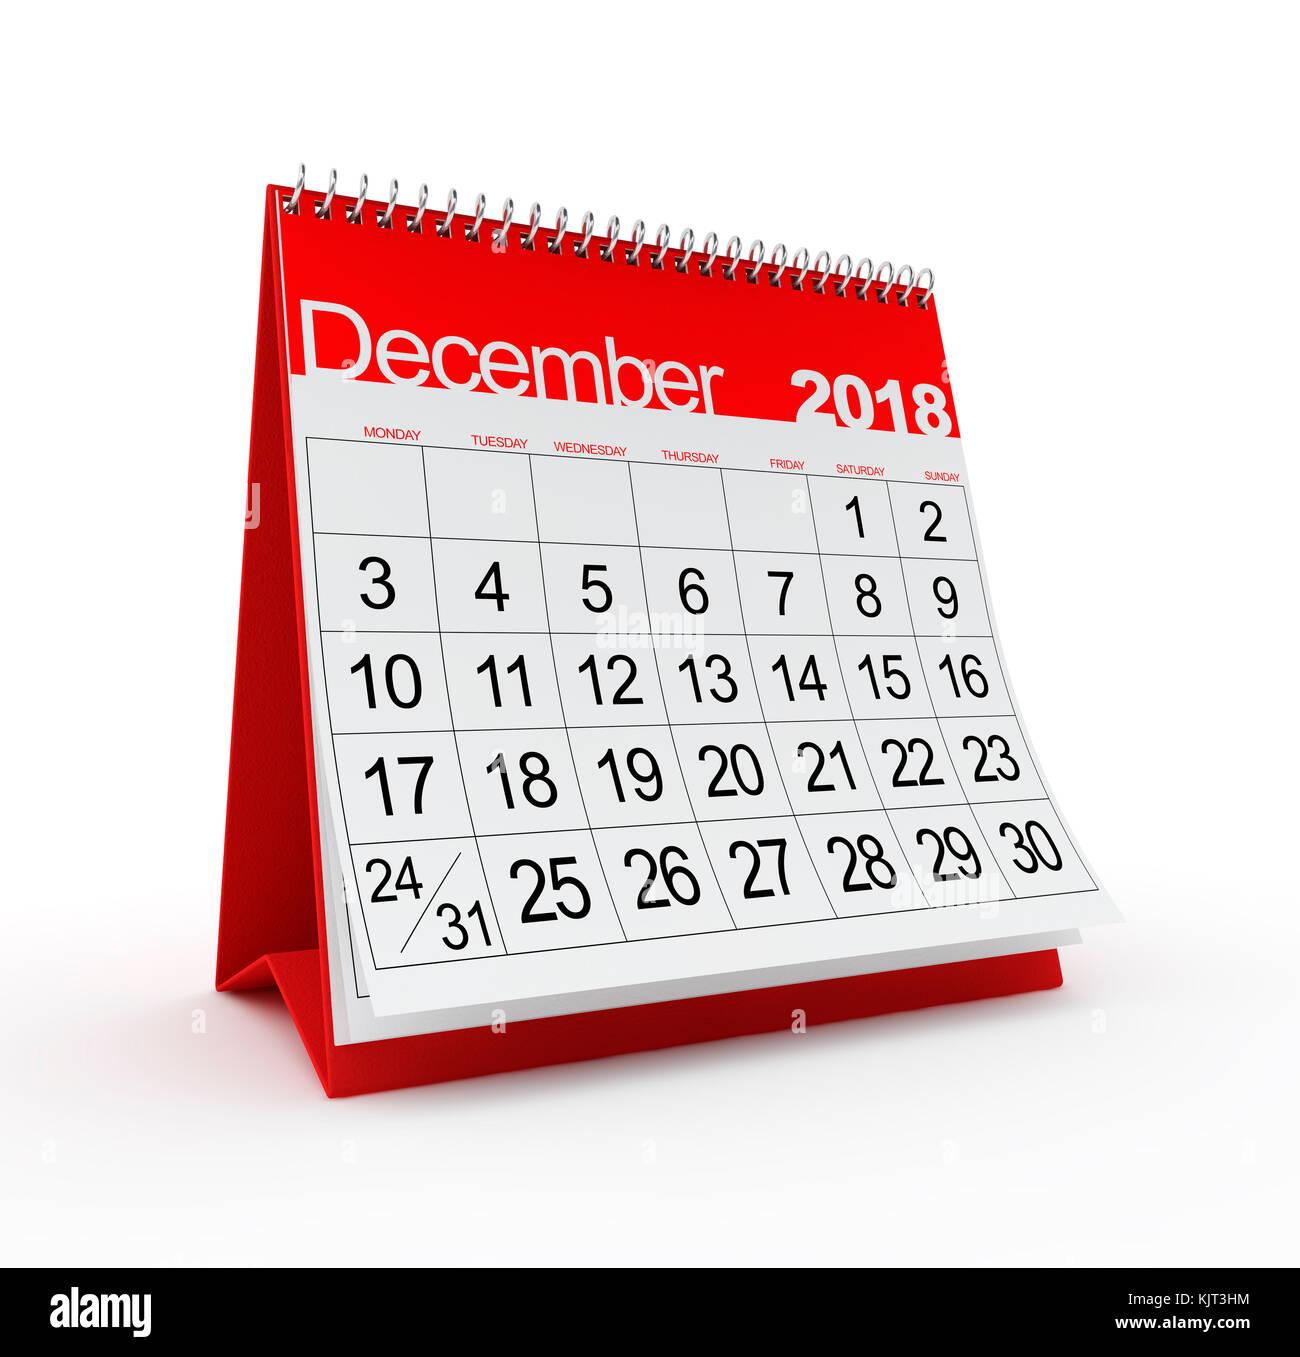 December 2018 Monthly Calendar. 3d rendered illustration. - Stock Image